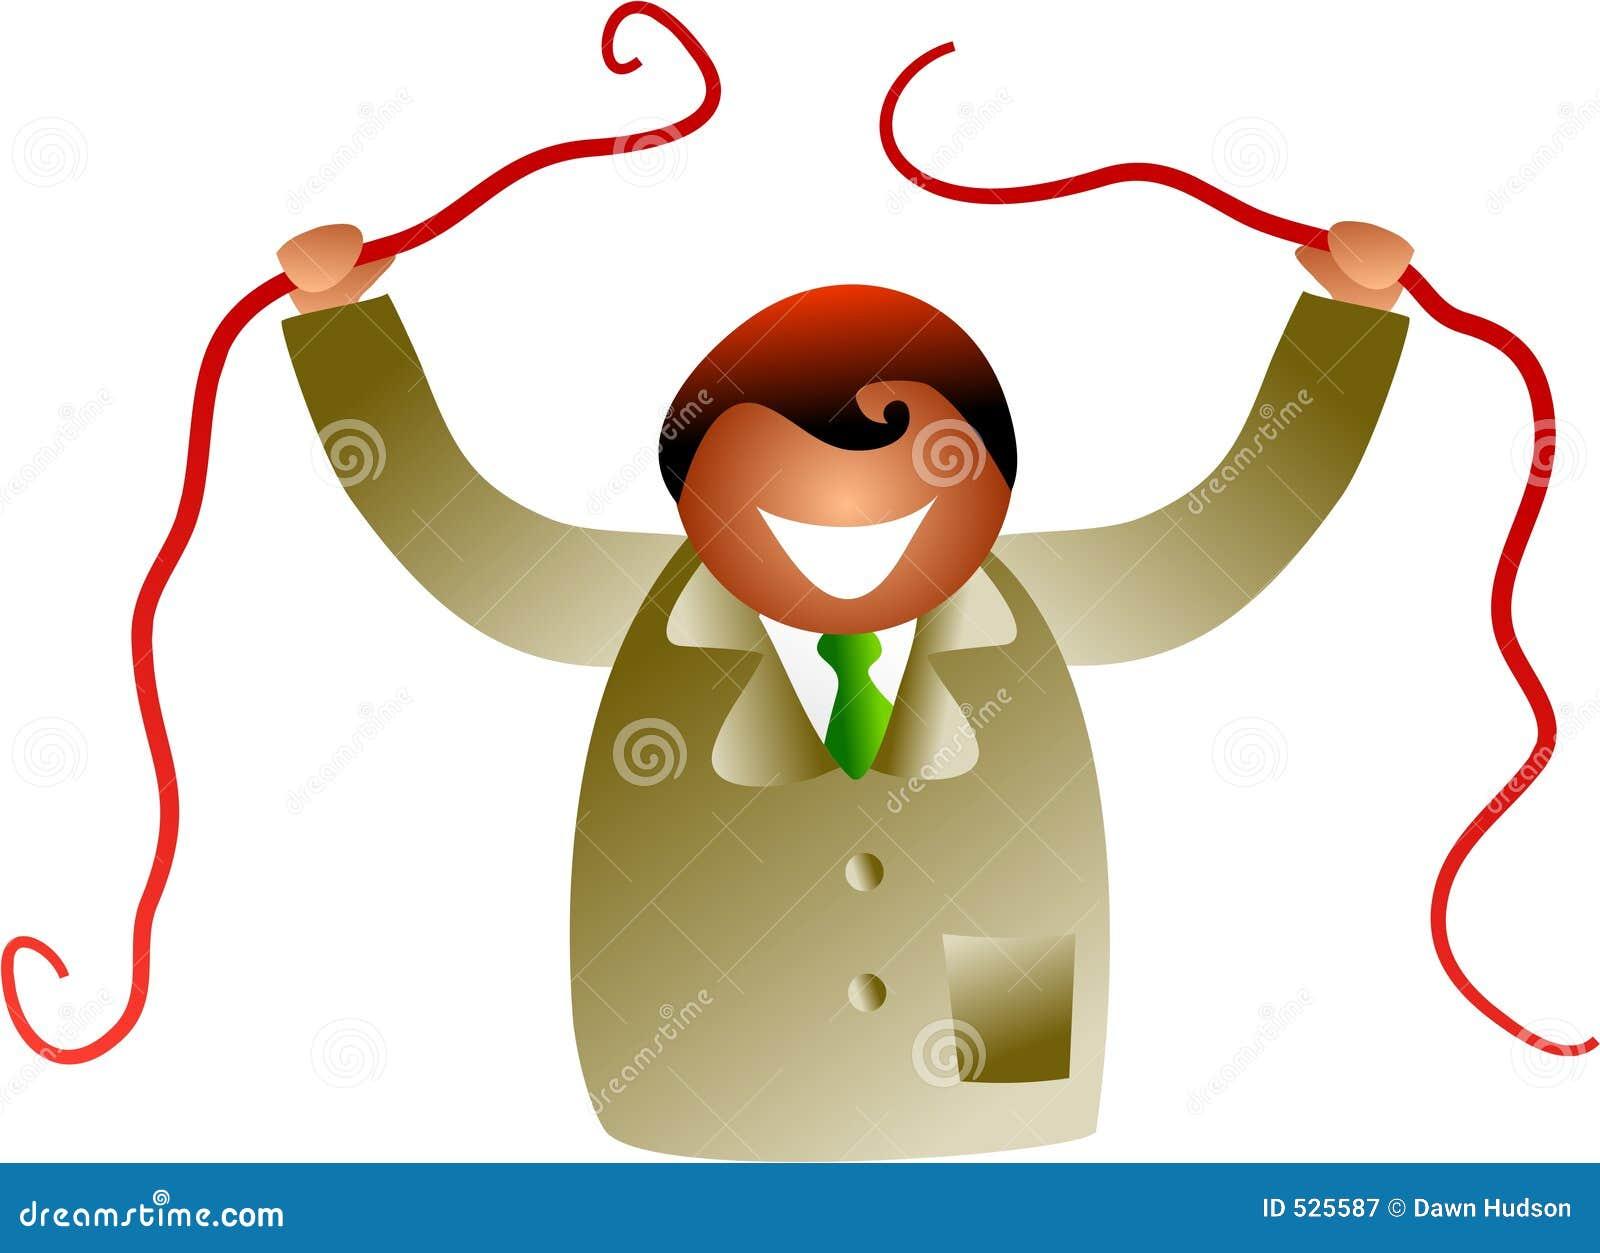 Download 中断繁文缛节 库存例证. 插画 包括有 磁带, 次幂, 董事, 概念, 攫取, 法律, 红色, 约束, 种族 - 525587